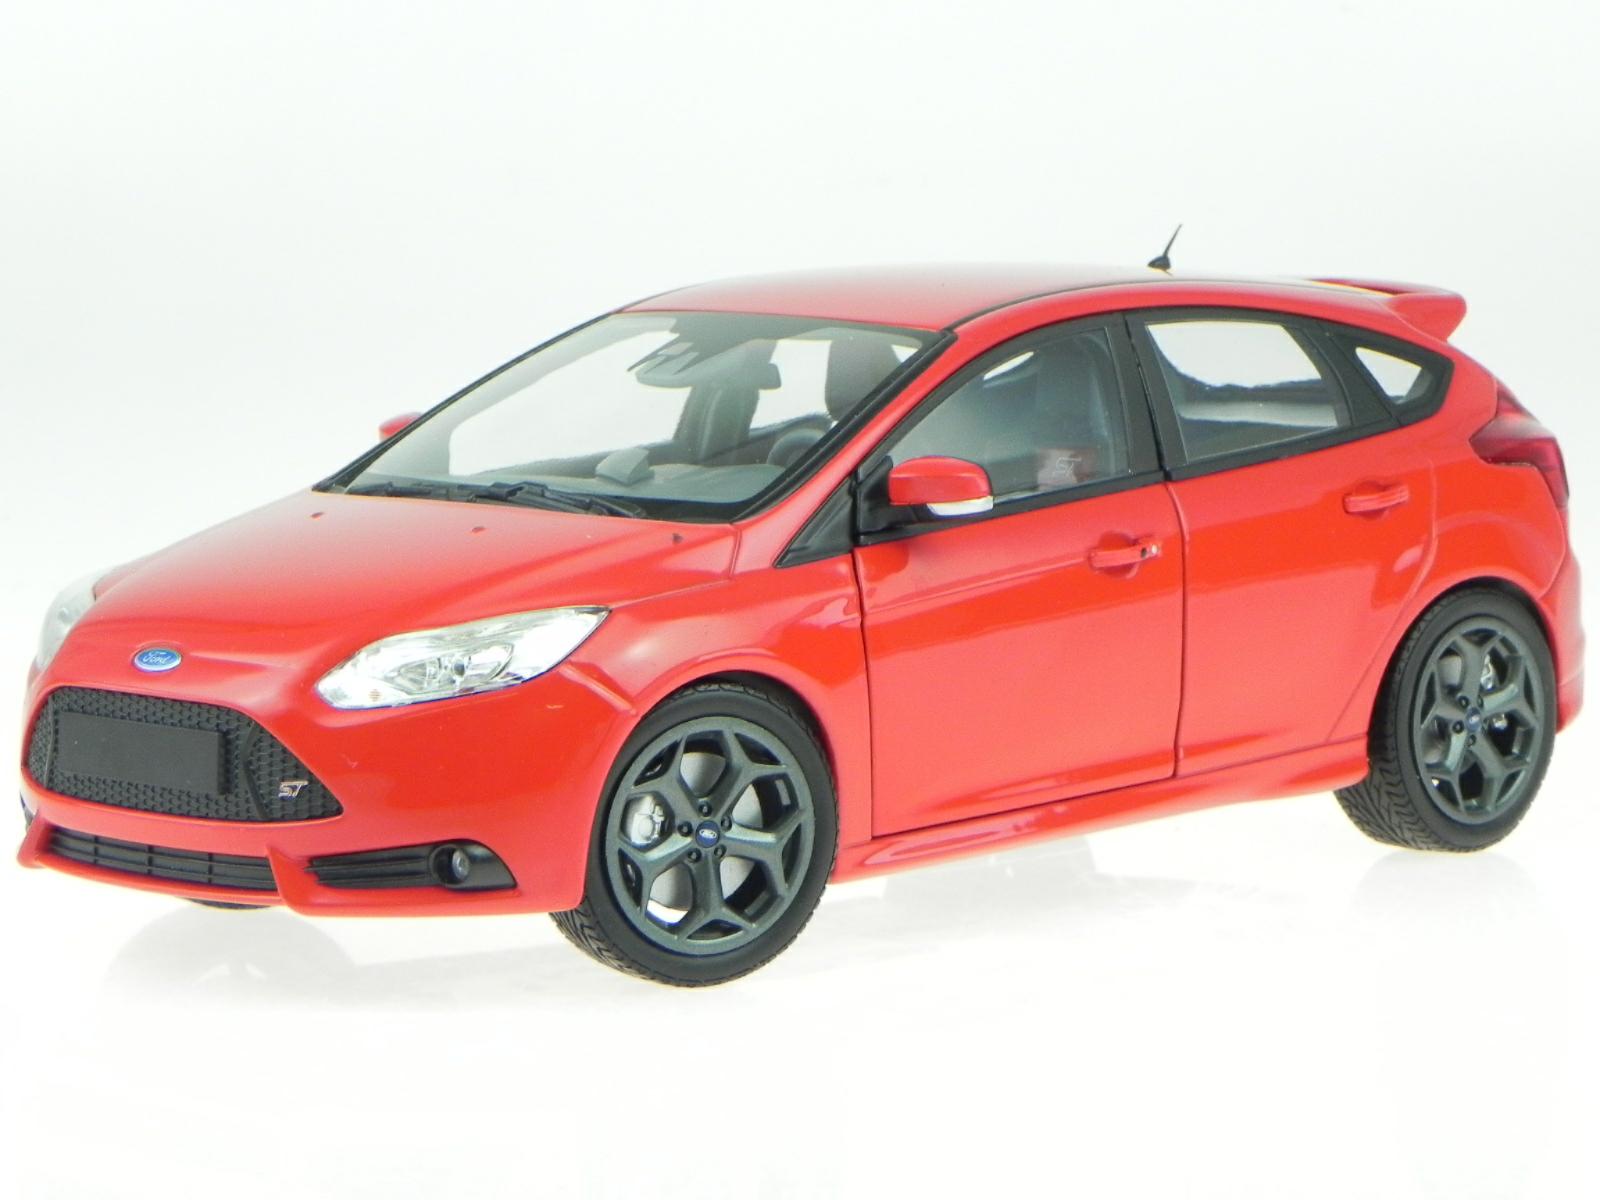 1 18 Ford Focus ST 2011 1 18 • Minichamps 110082002